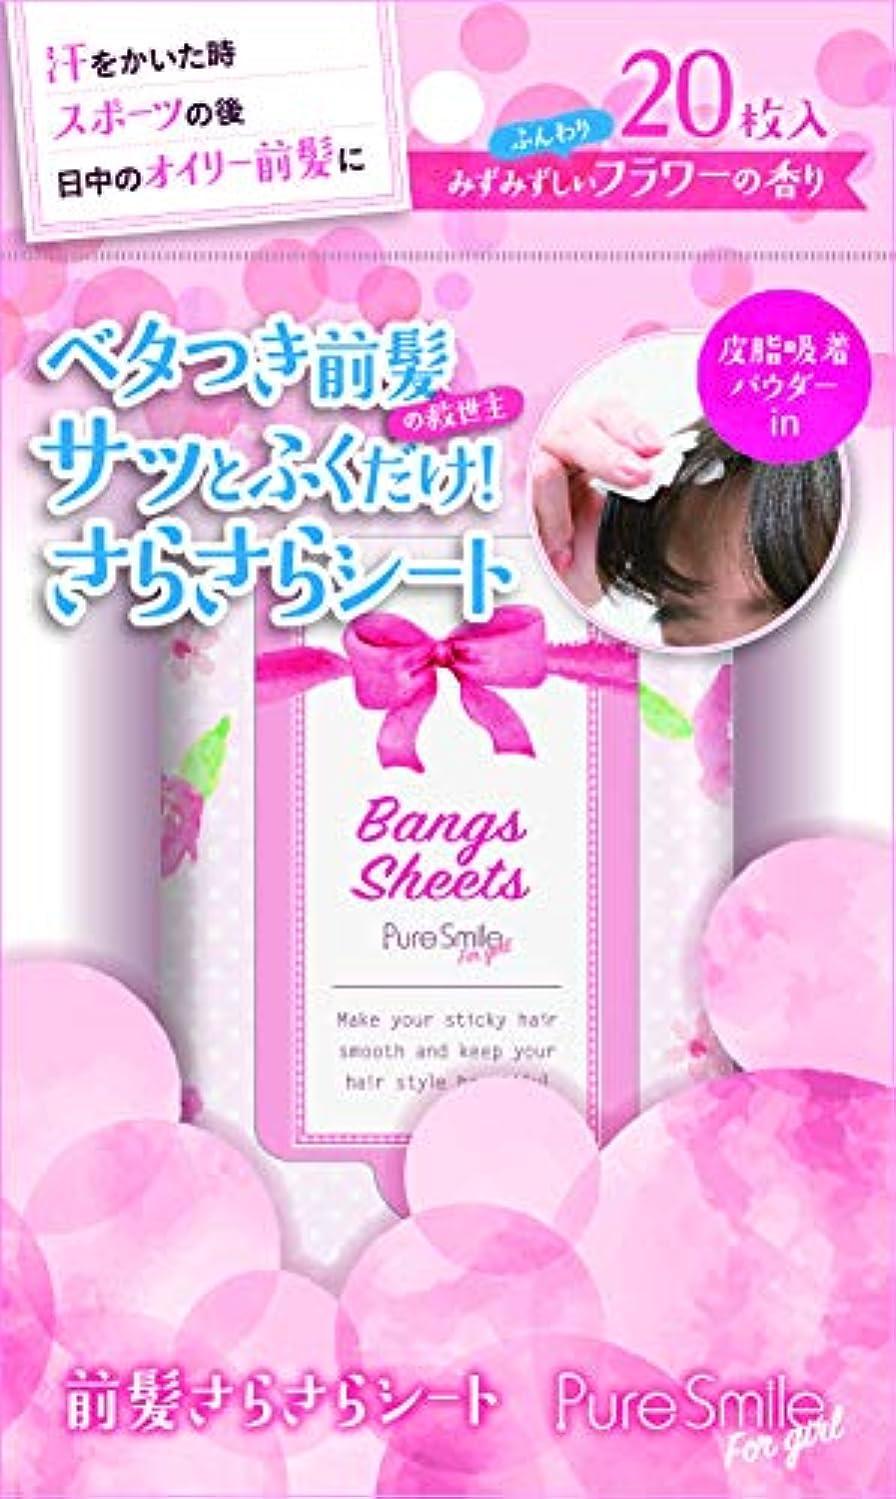 セージ柔らかい足緩やかなSUN SMILE(サンスマイル) ピュアスマイル フォーガール 前髪さらさらシート みずみずしいフラワーの香り ピンク 20枚 フェイスマスク